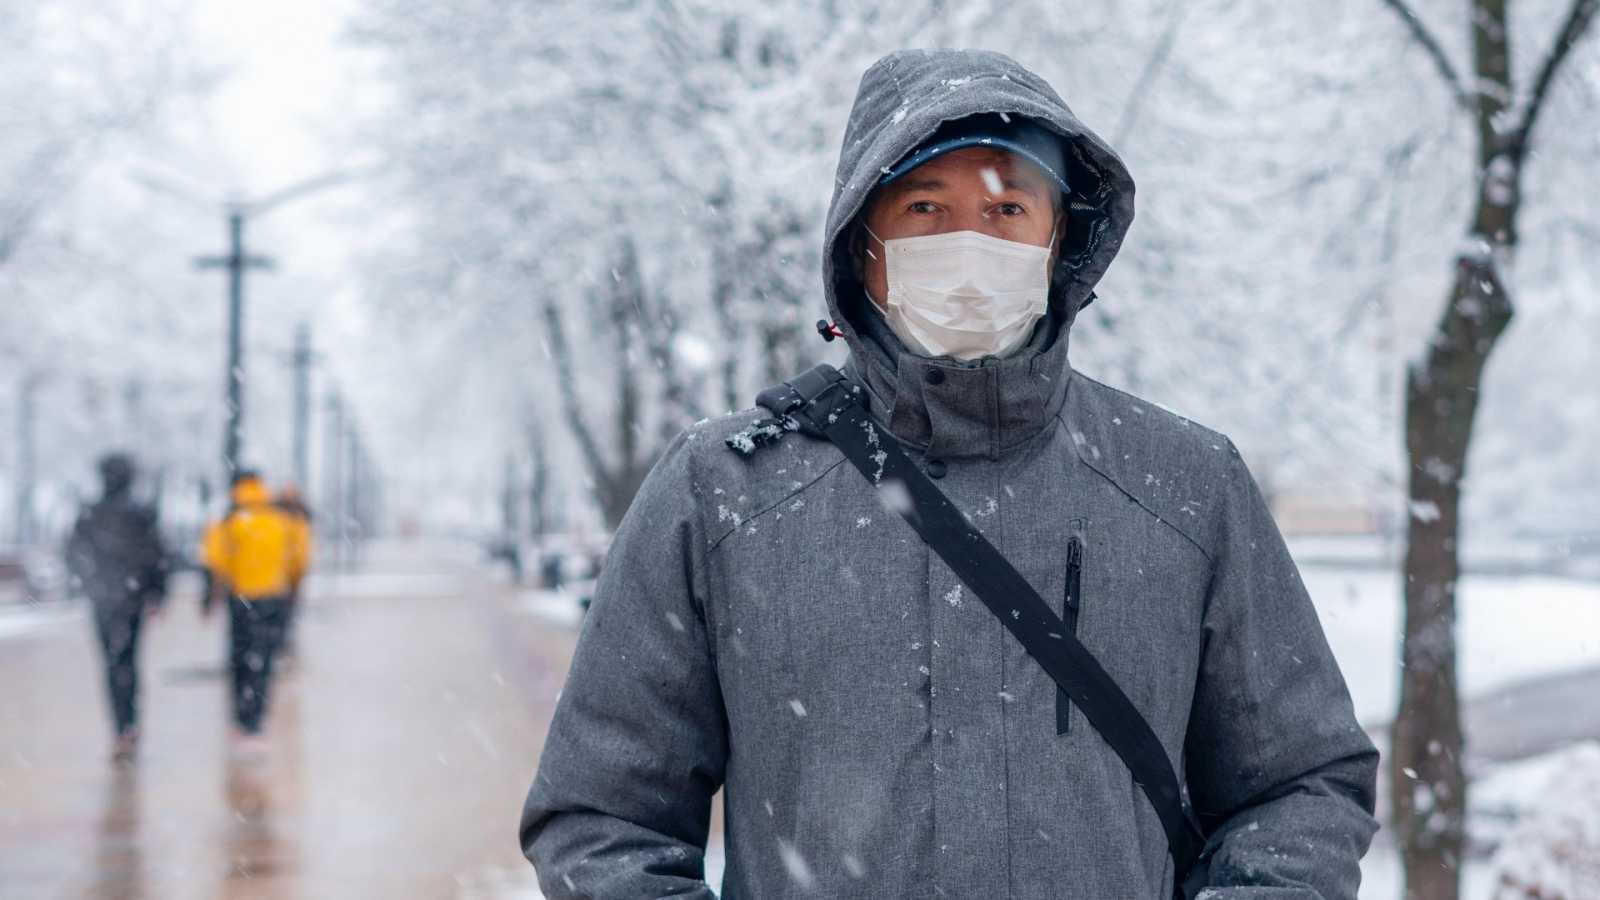 Un temporal histórico de nieve demuestra que numerosas situaciones extremas pueden coincidir en un corto periodo de tiempo.